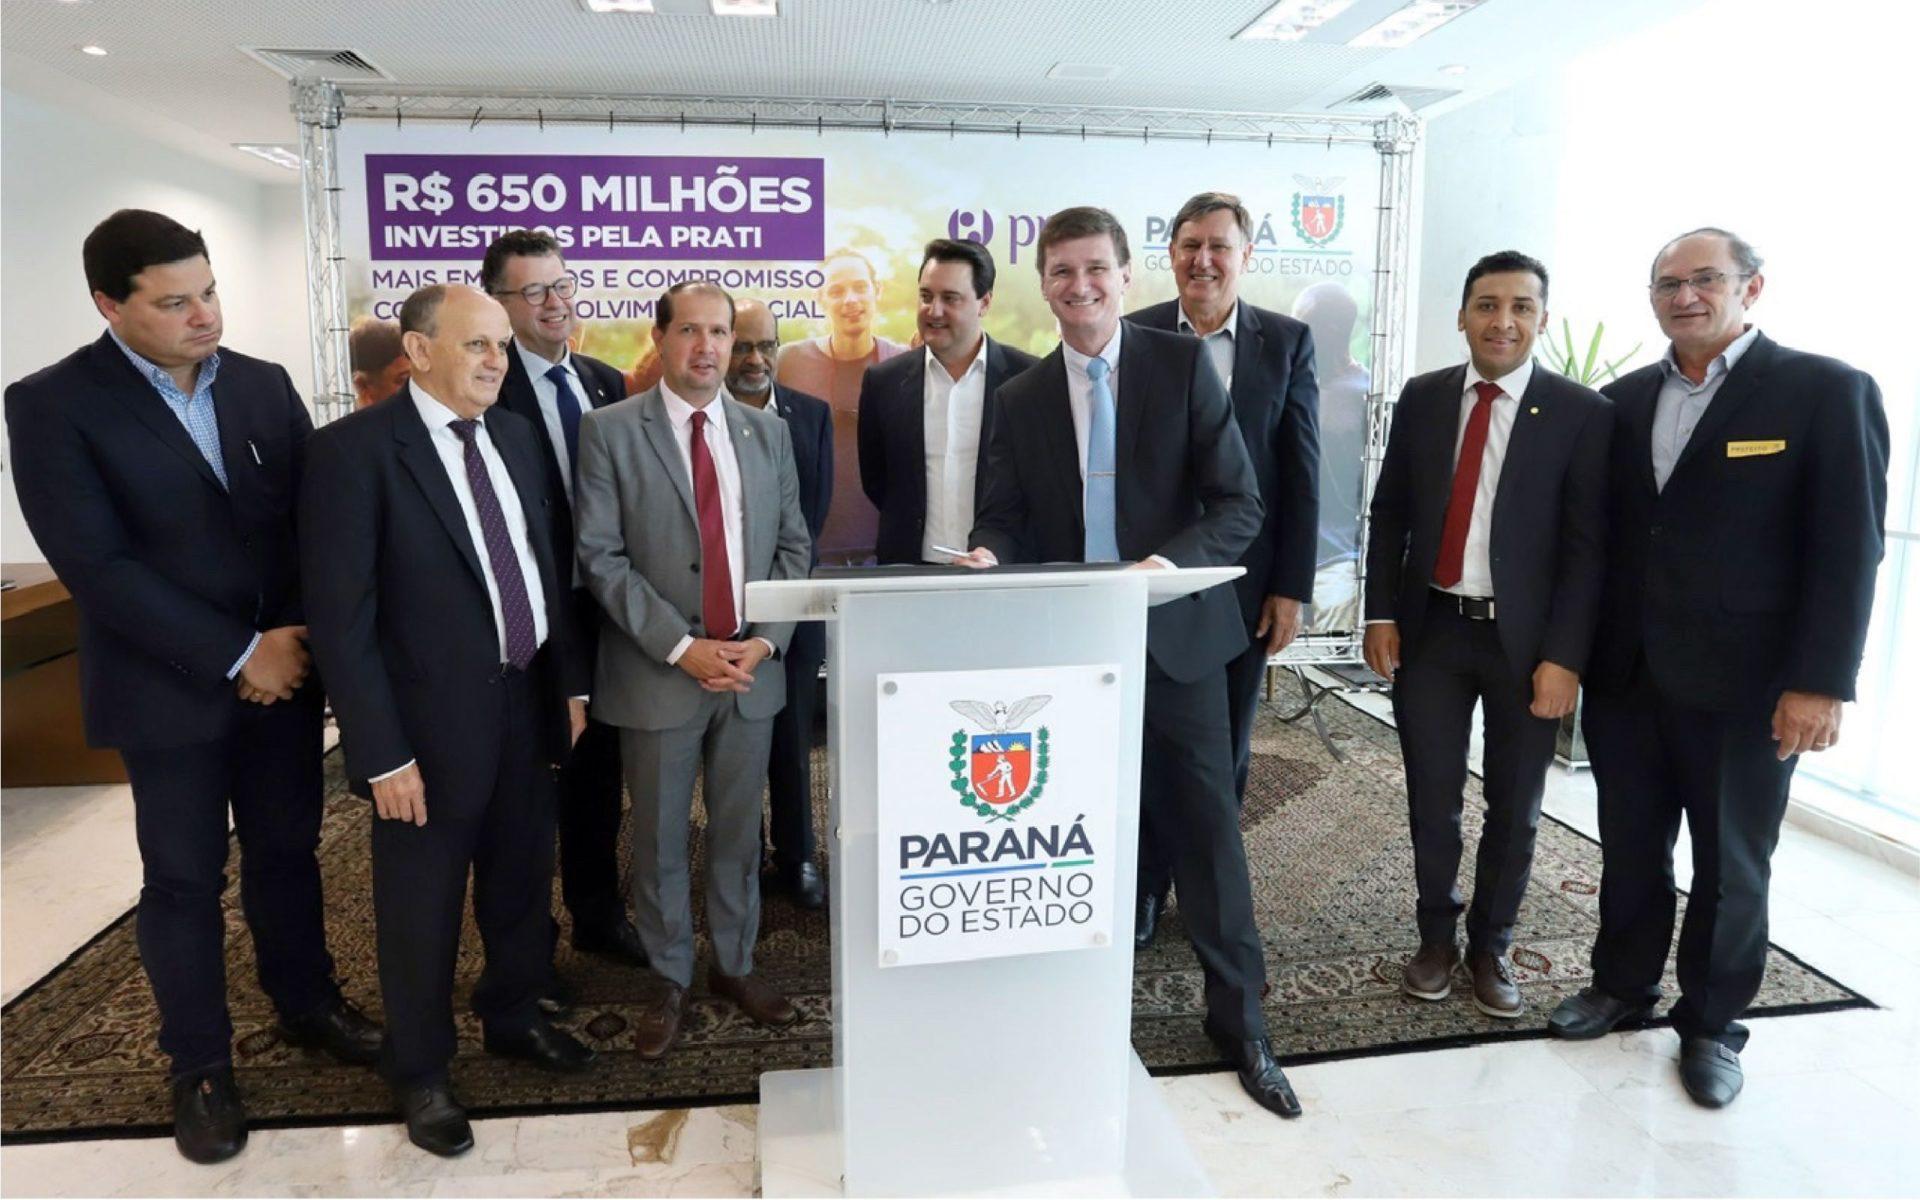 prati-donaduzzi-investira-r-650-milhões-no-parana-apos-parceria-com-o-governo-do-estado